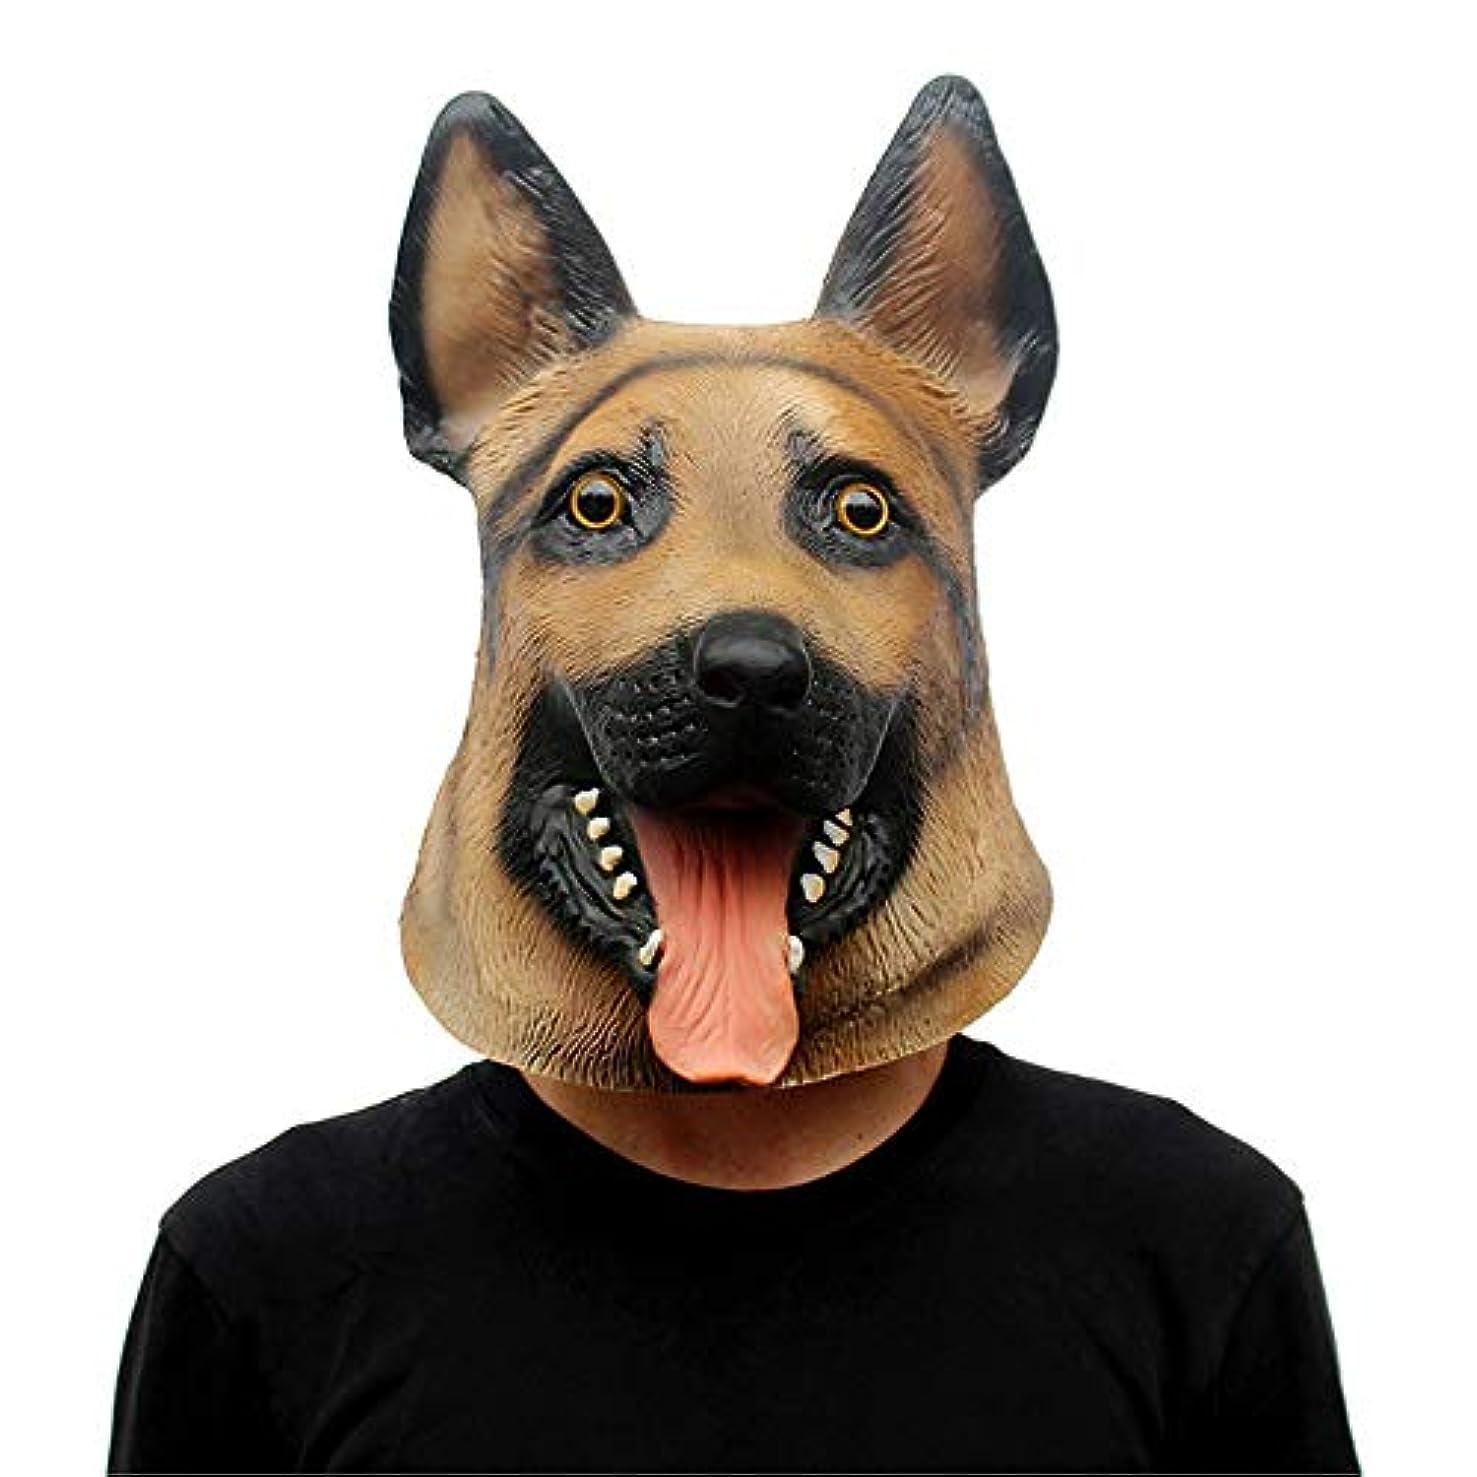 誕生受け入れるアジア柴犬マスクラテックスマスクハロウィンコスプレ小道具犬ヘッドマスク